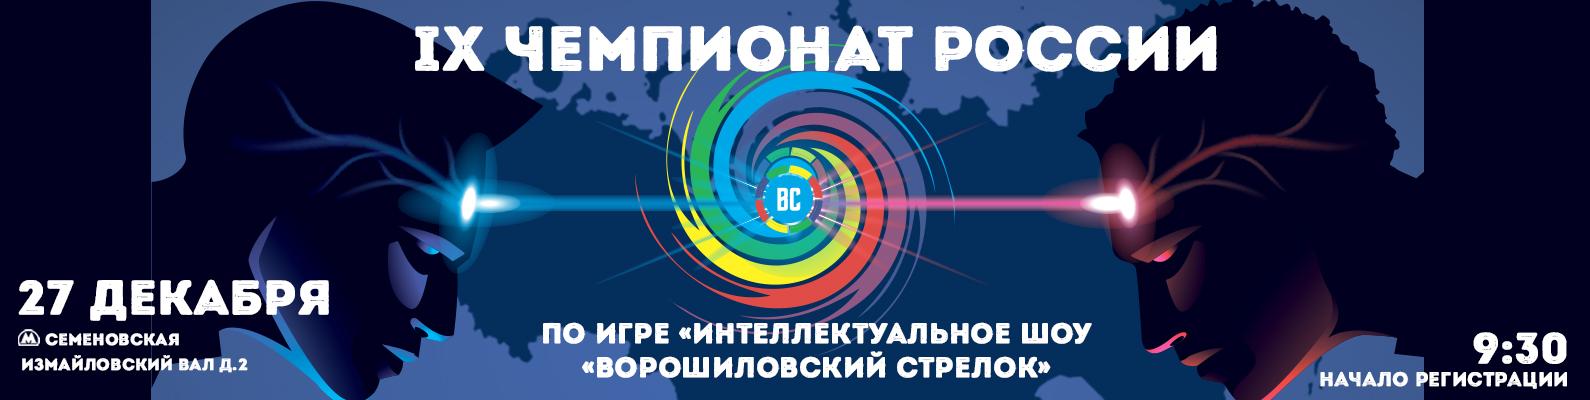 IX ЧЕМПИОНАТ РОССИЙСКОЙ ФЕДЕРАЦИИ ПО АКТИВНЫМ ИНТЕЛЛЕКТУАЛЬНЫМ ИГРАМ-2020